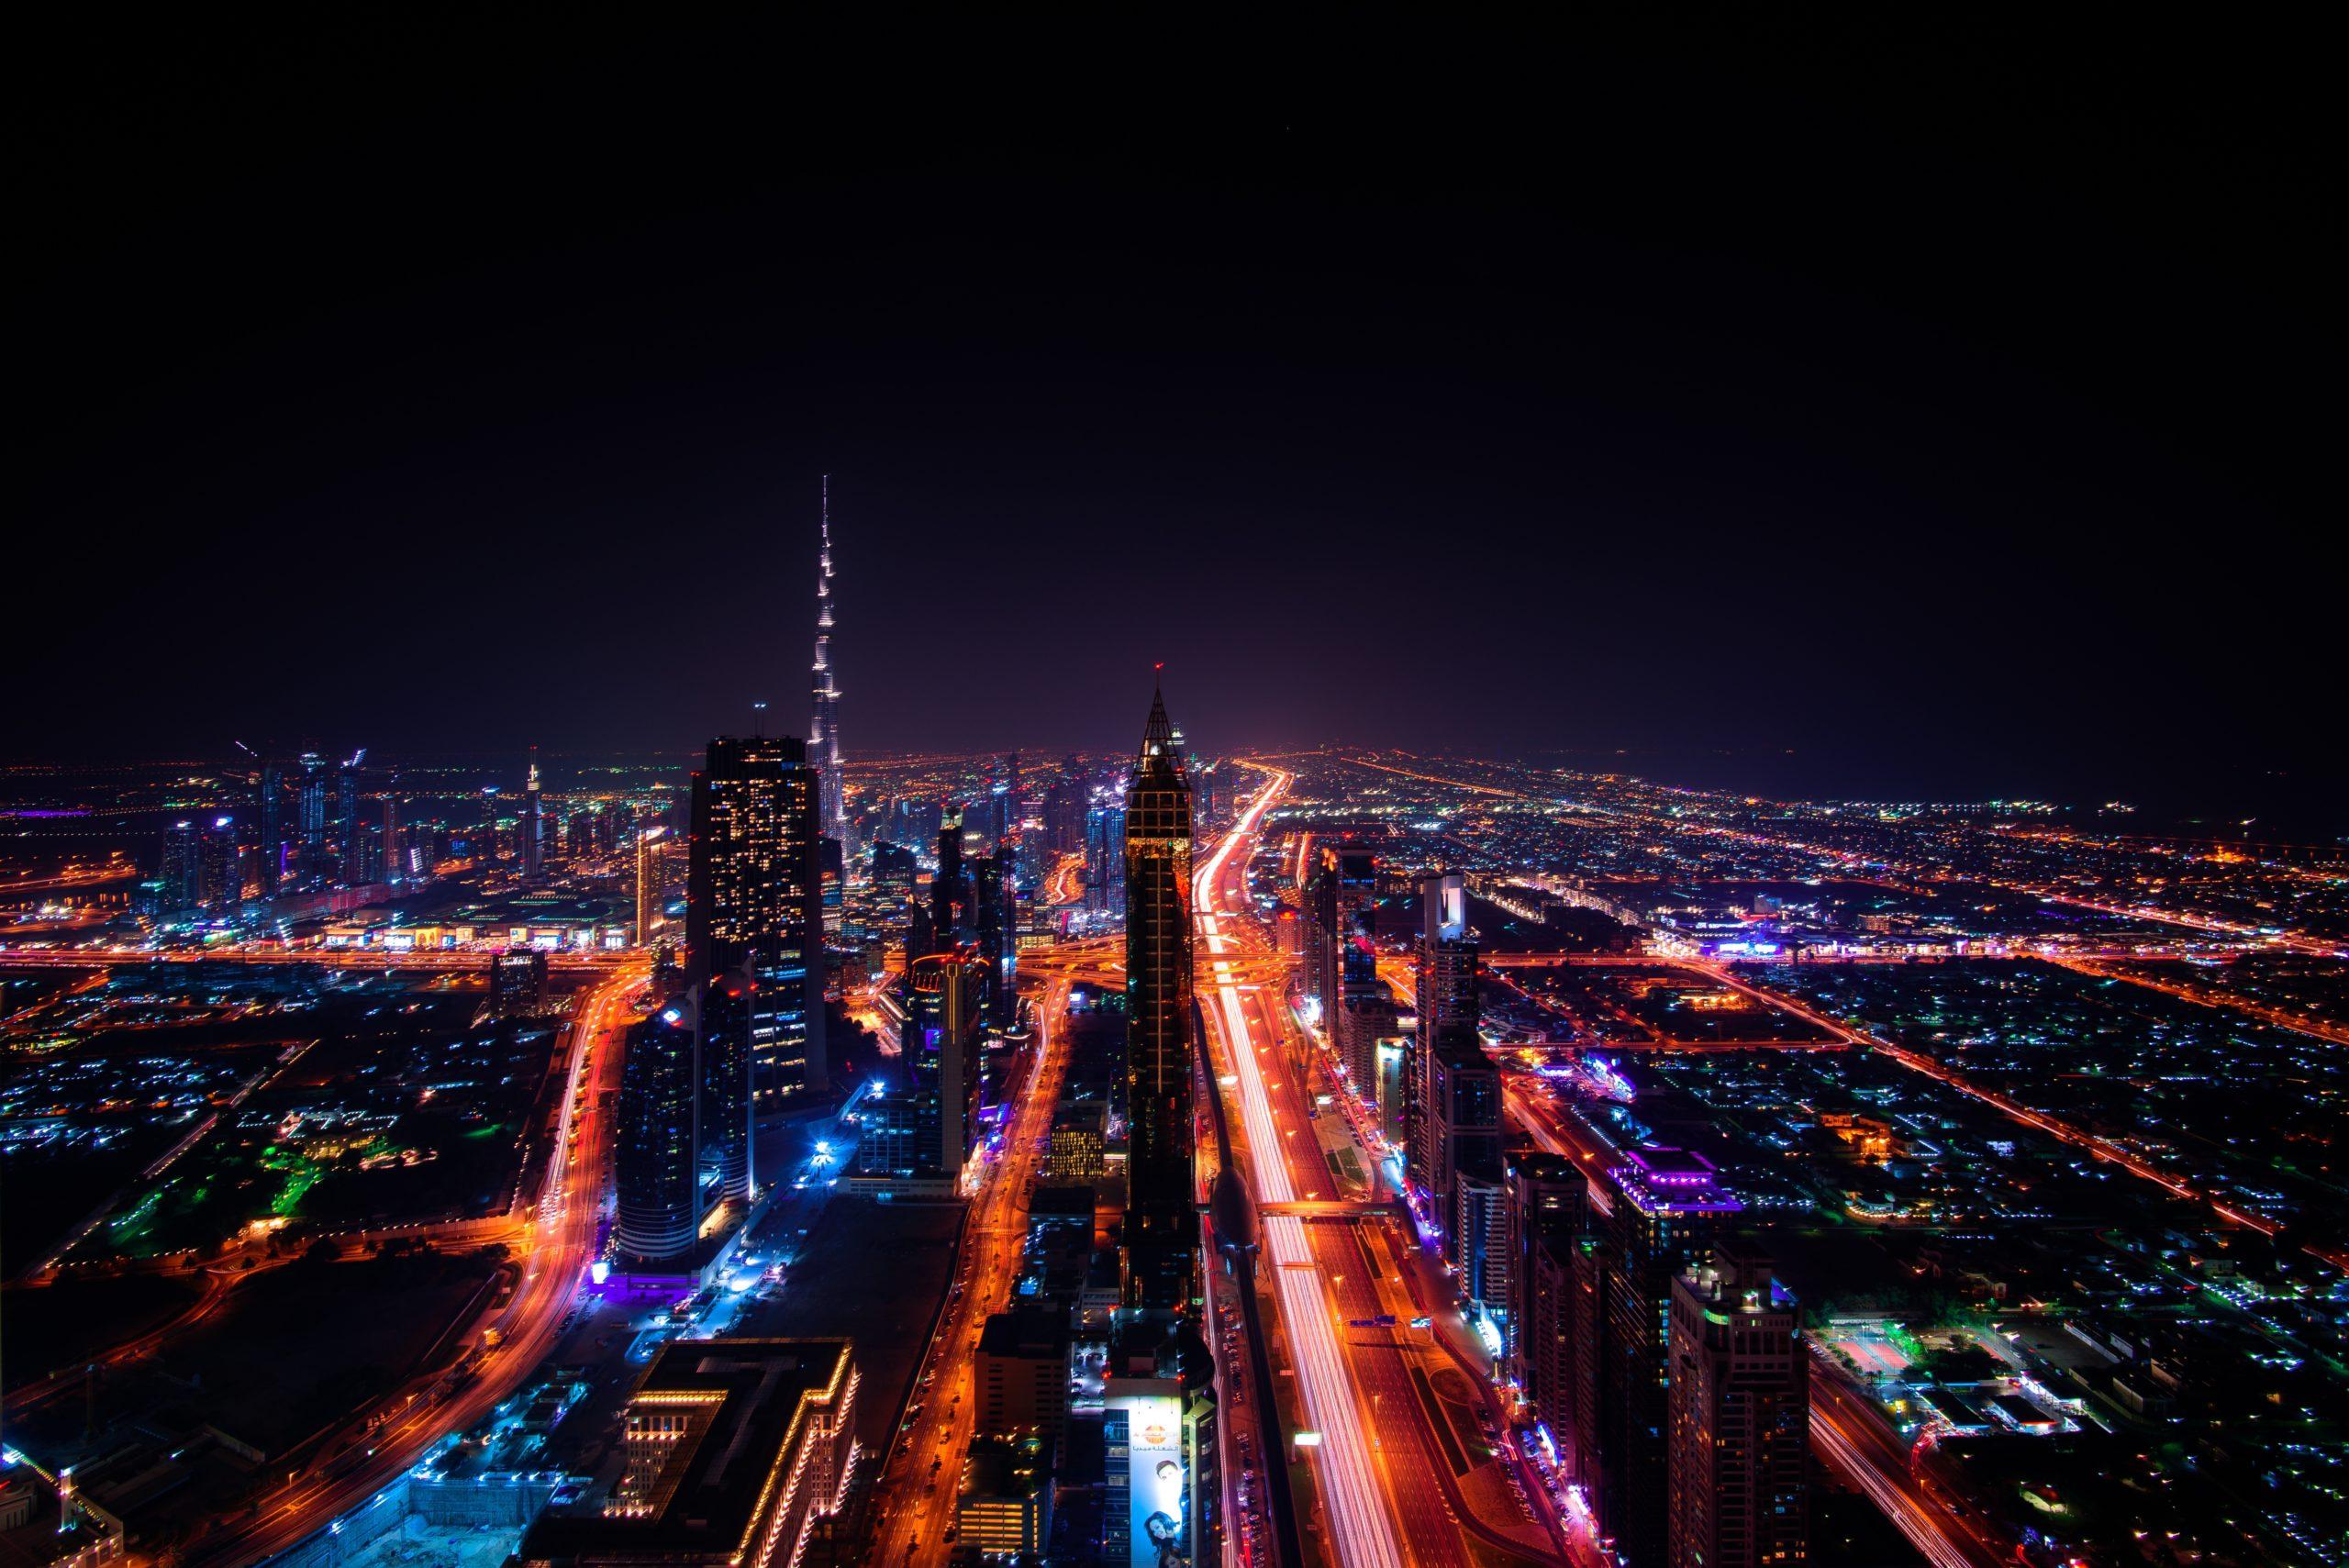 Sterylizacja Dubaju: sztuczna inteligencja przeanalizuje, czy wyjście z domu było konieczne